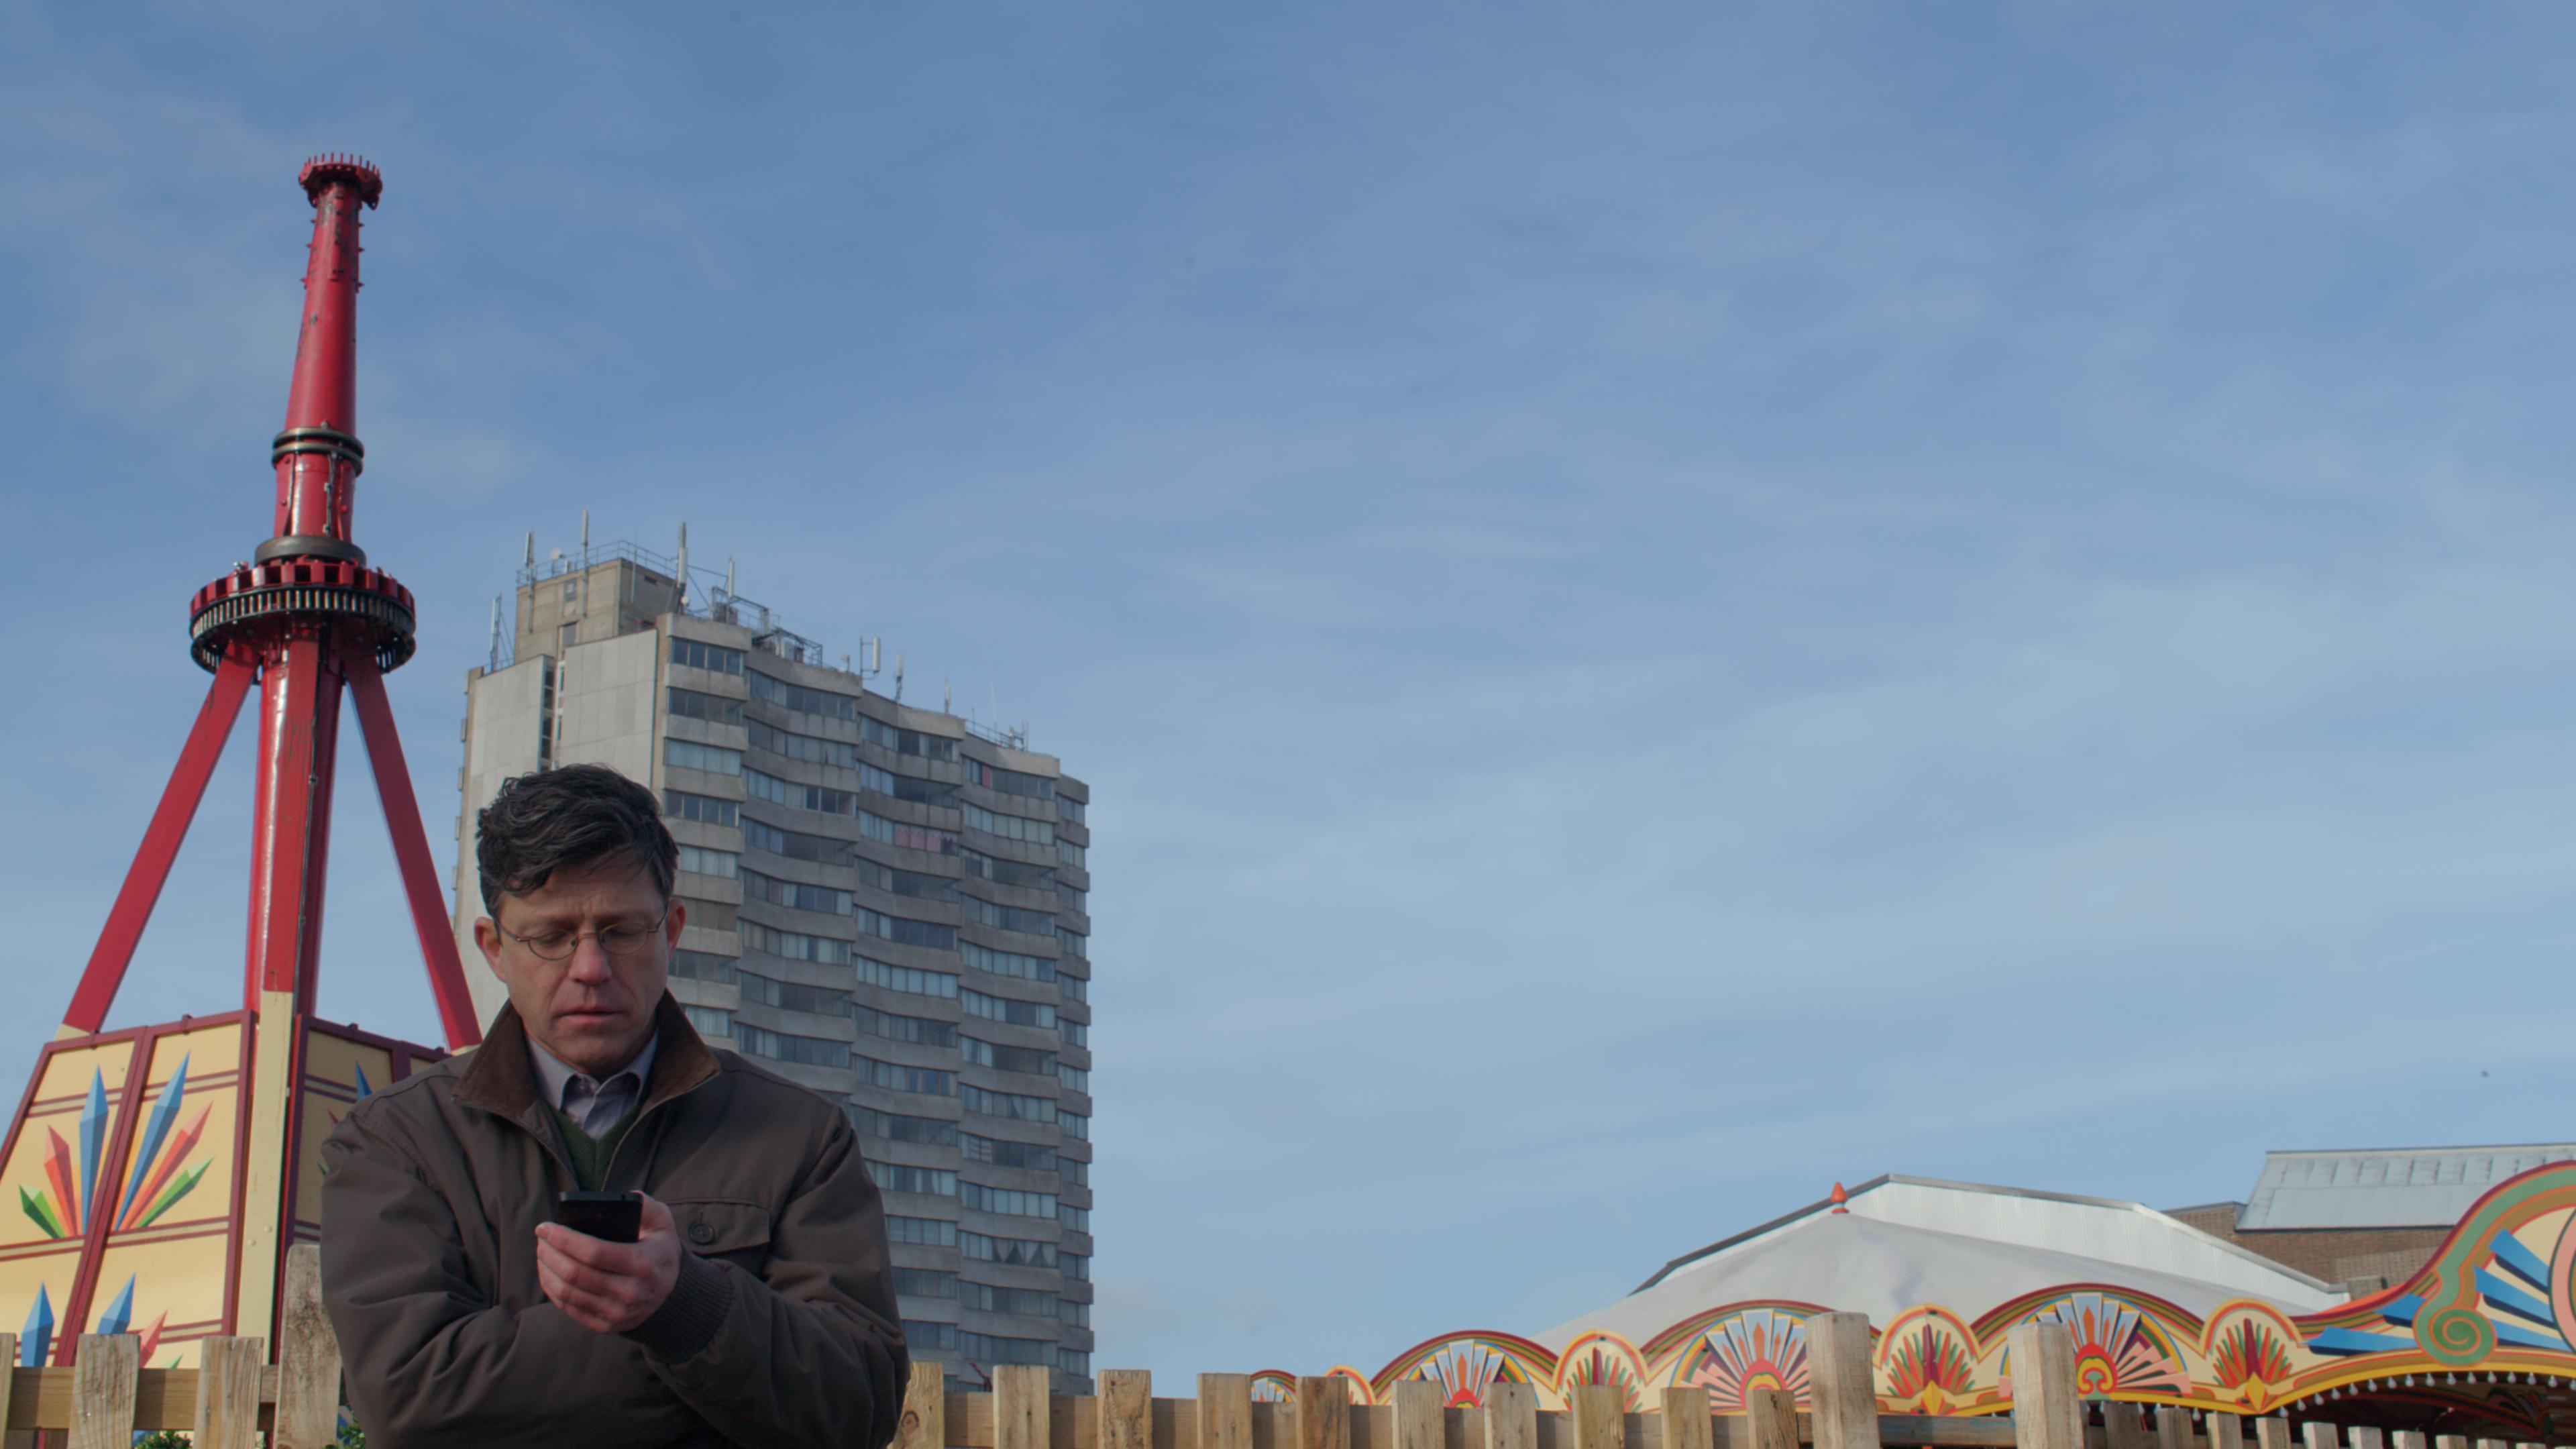 Derek in Amusement Park